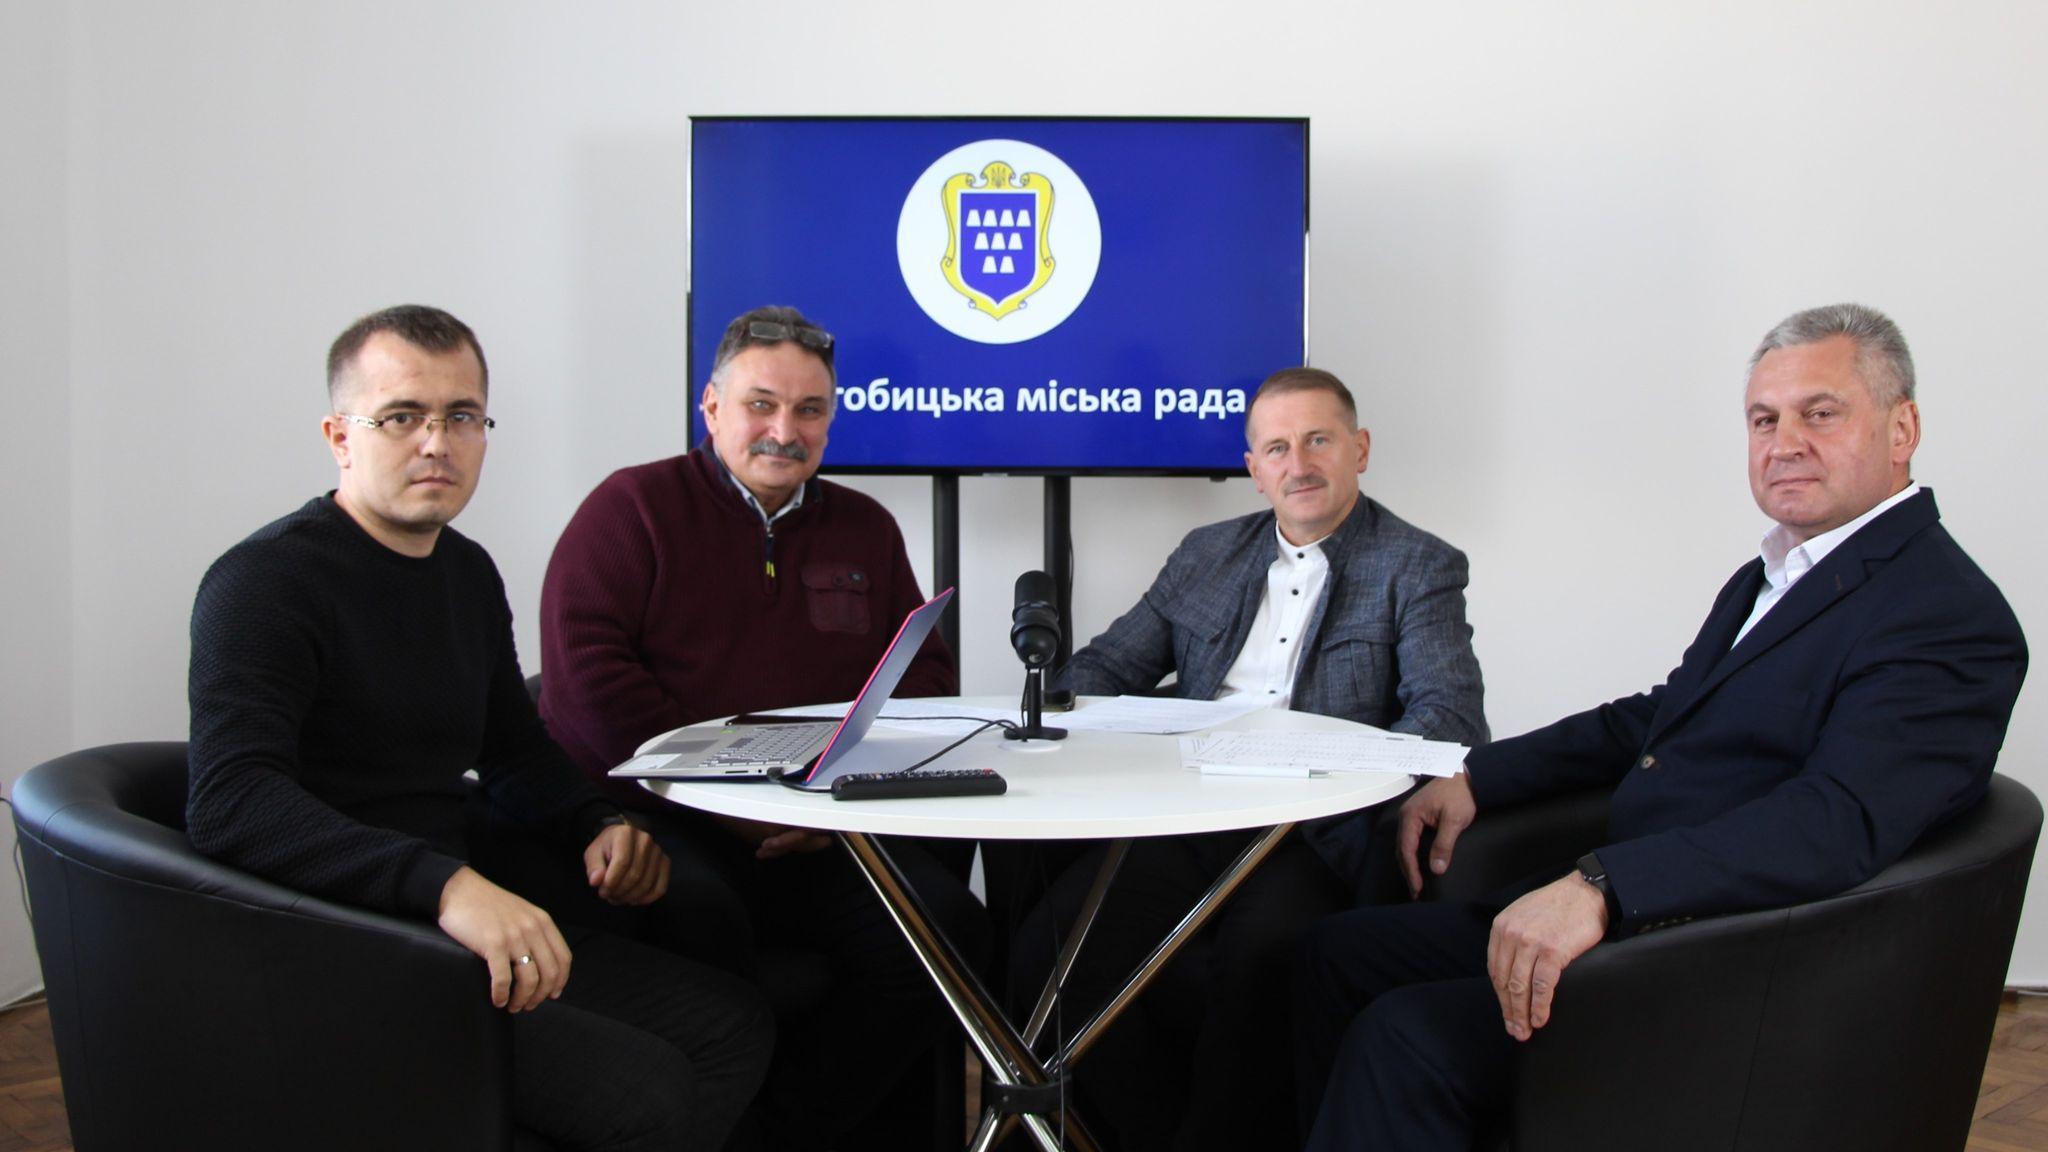 Інформаційна година з міським головою   Медіа-центр «Дрогобич:»